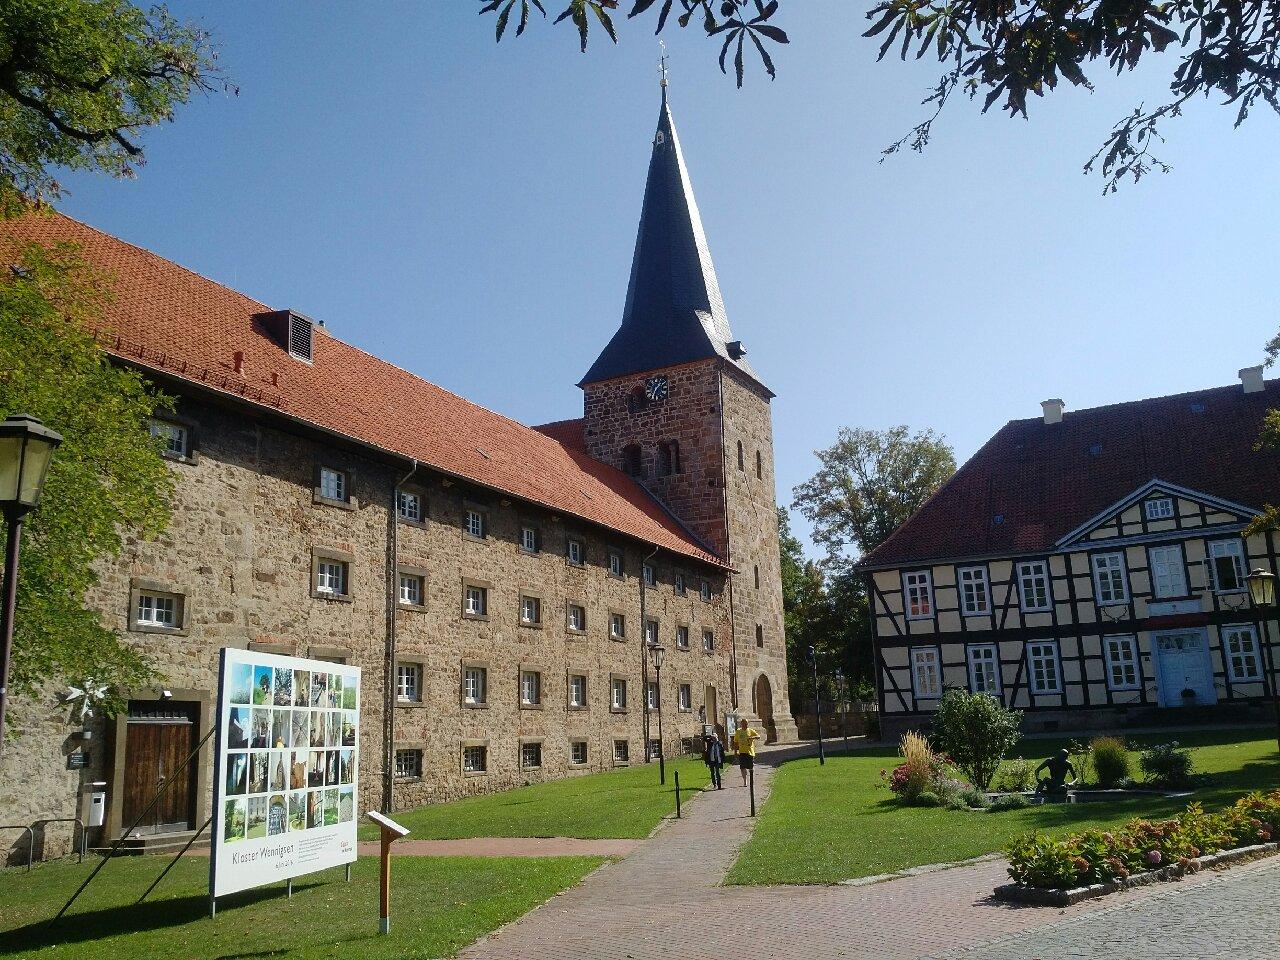 Besichtigung des Klosters Wennigsen